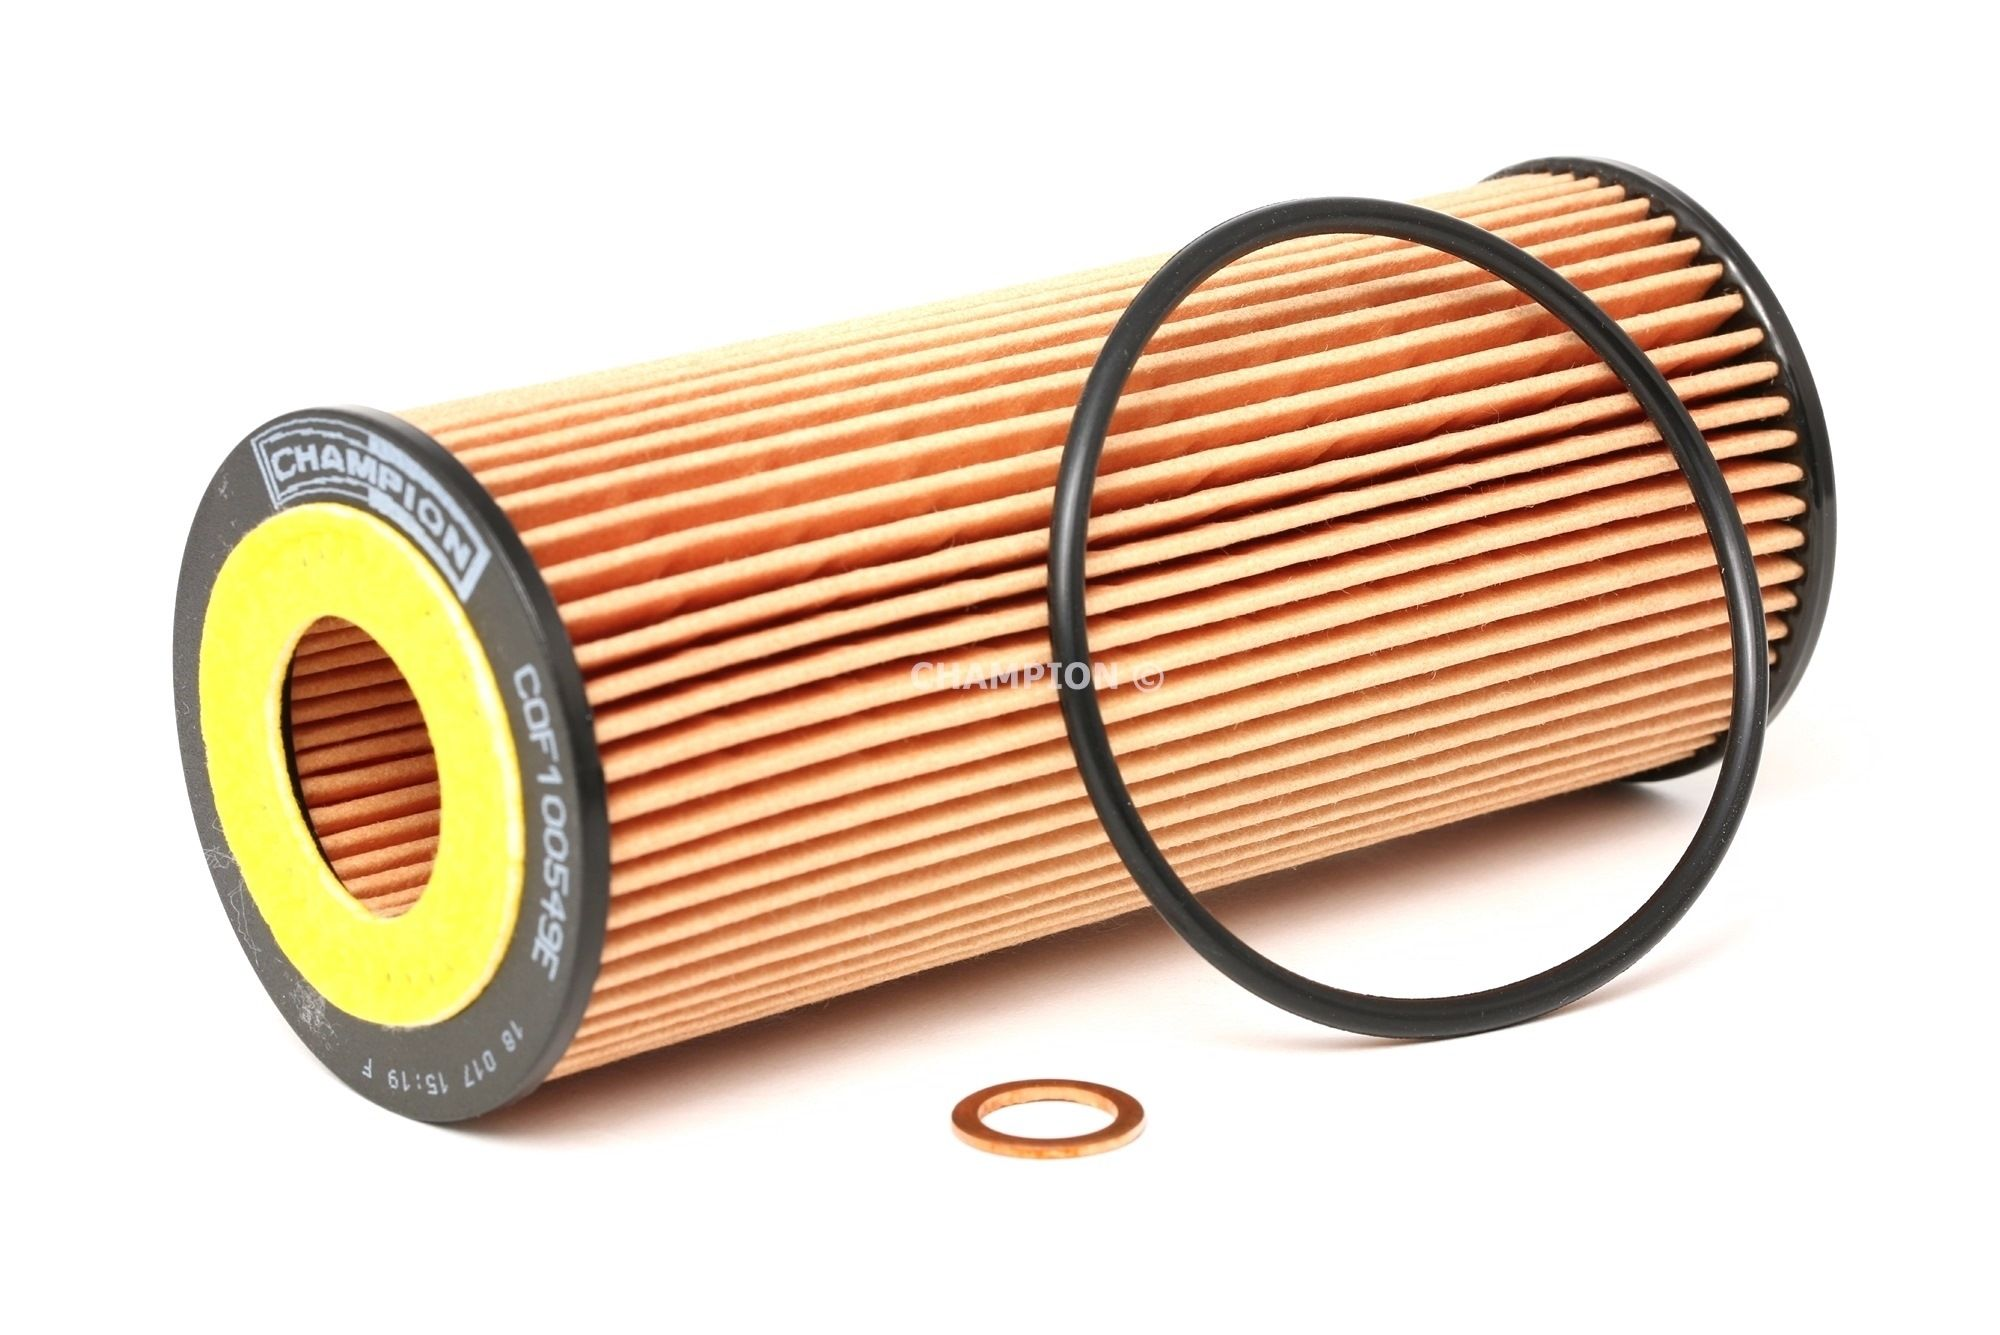 COF100549E CHAMPION EON TITAN Filtereinsatz Innendurchmesser: 27mm, Innendurchmesser 2: 33mm, Ø: 64mm, Höhe: 153mm, Höhe 1: 150mm Ölfilter COF100549E günstig kaufen